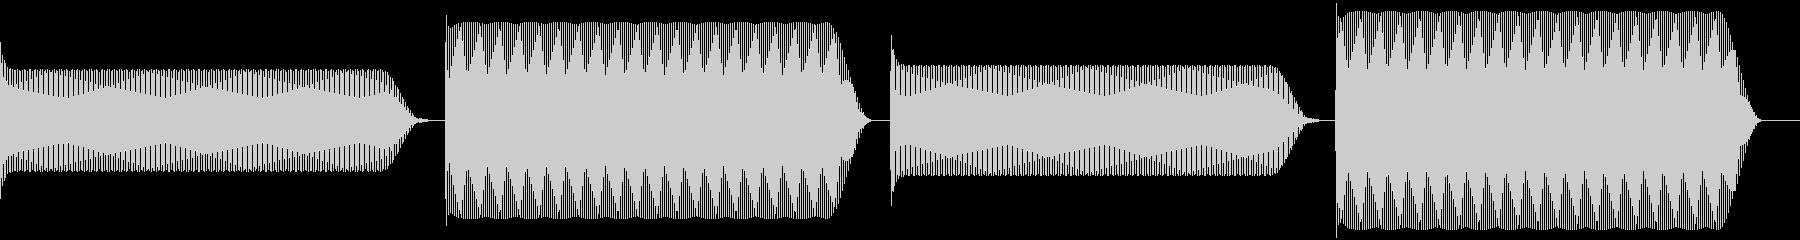 ピコピコ (レトロゲー風な一時停止)の未再生の波形